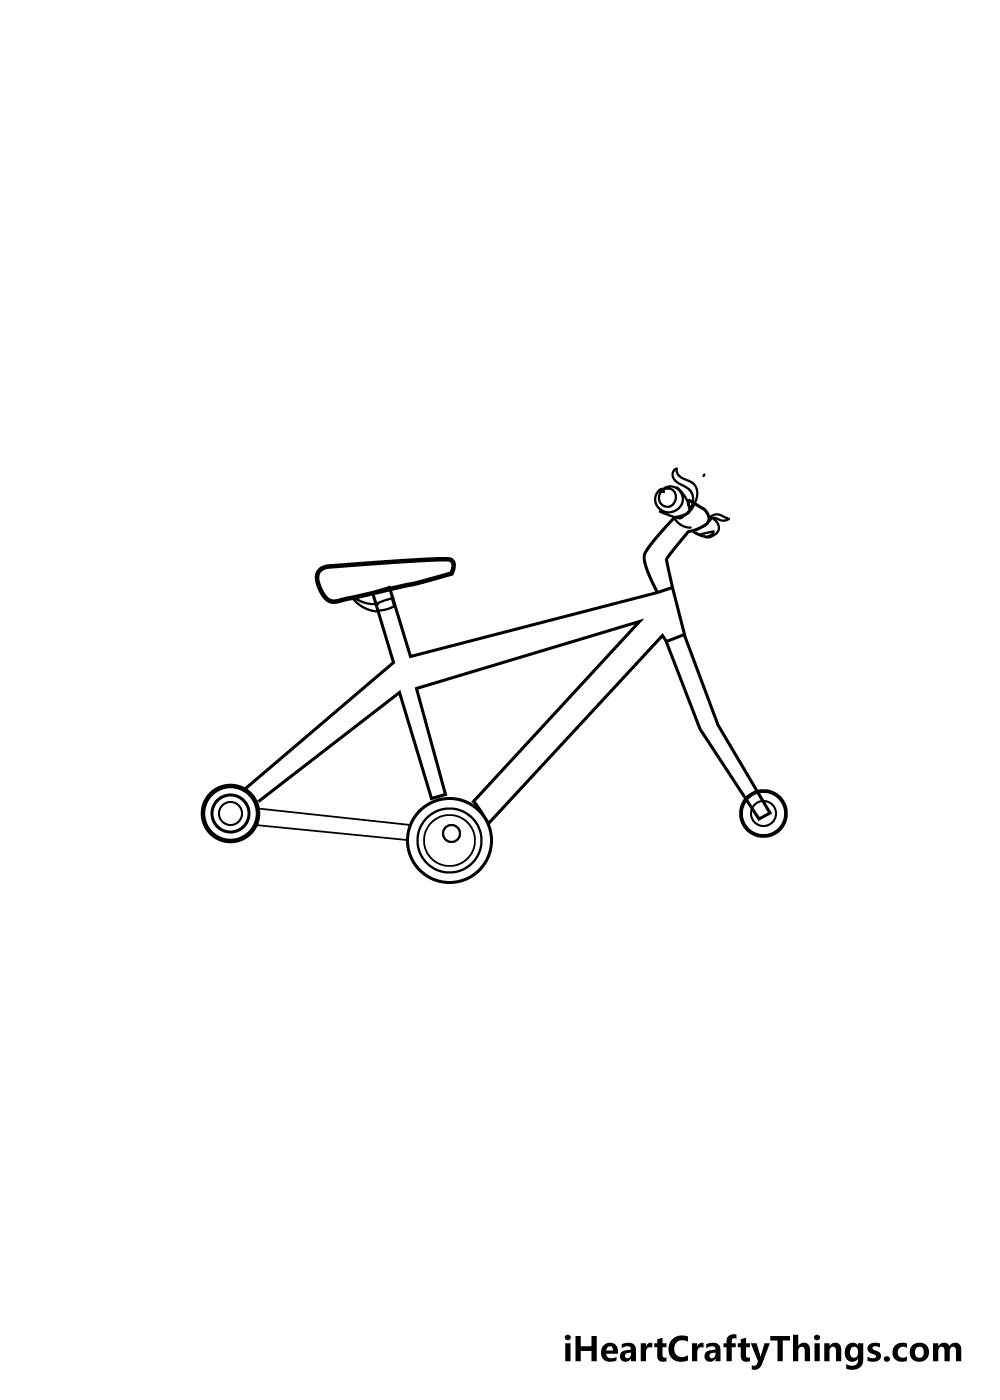 bike drawing step 5